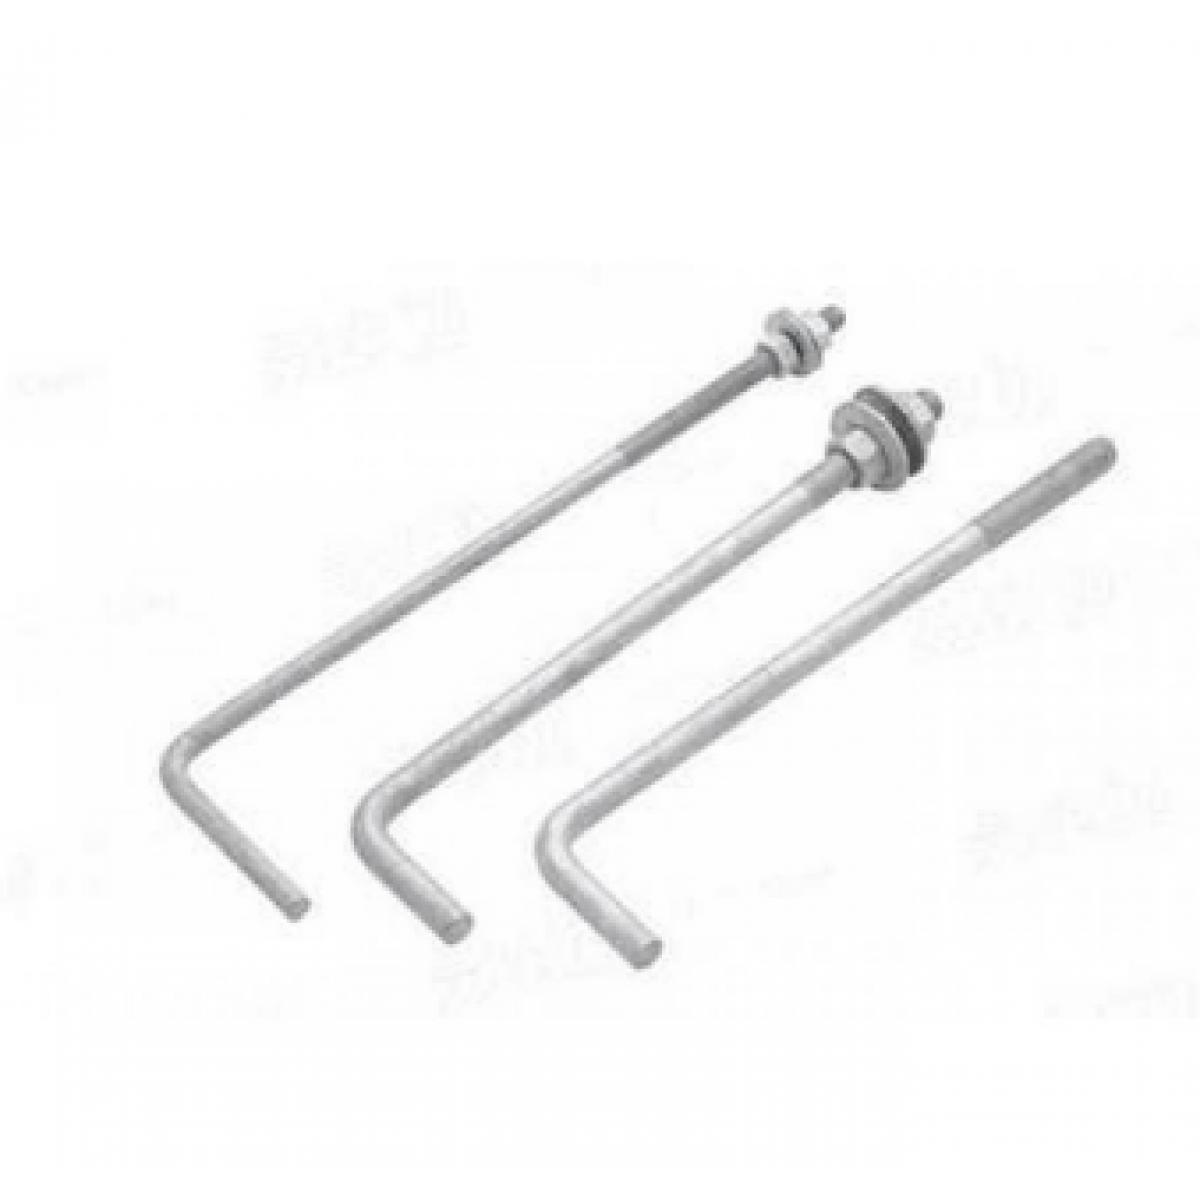 钢结构地脚螺栓 太原钢结构 地脚螺栓 钢结构地脚螺栓厂家